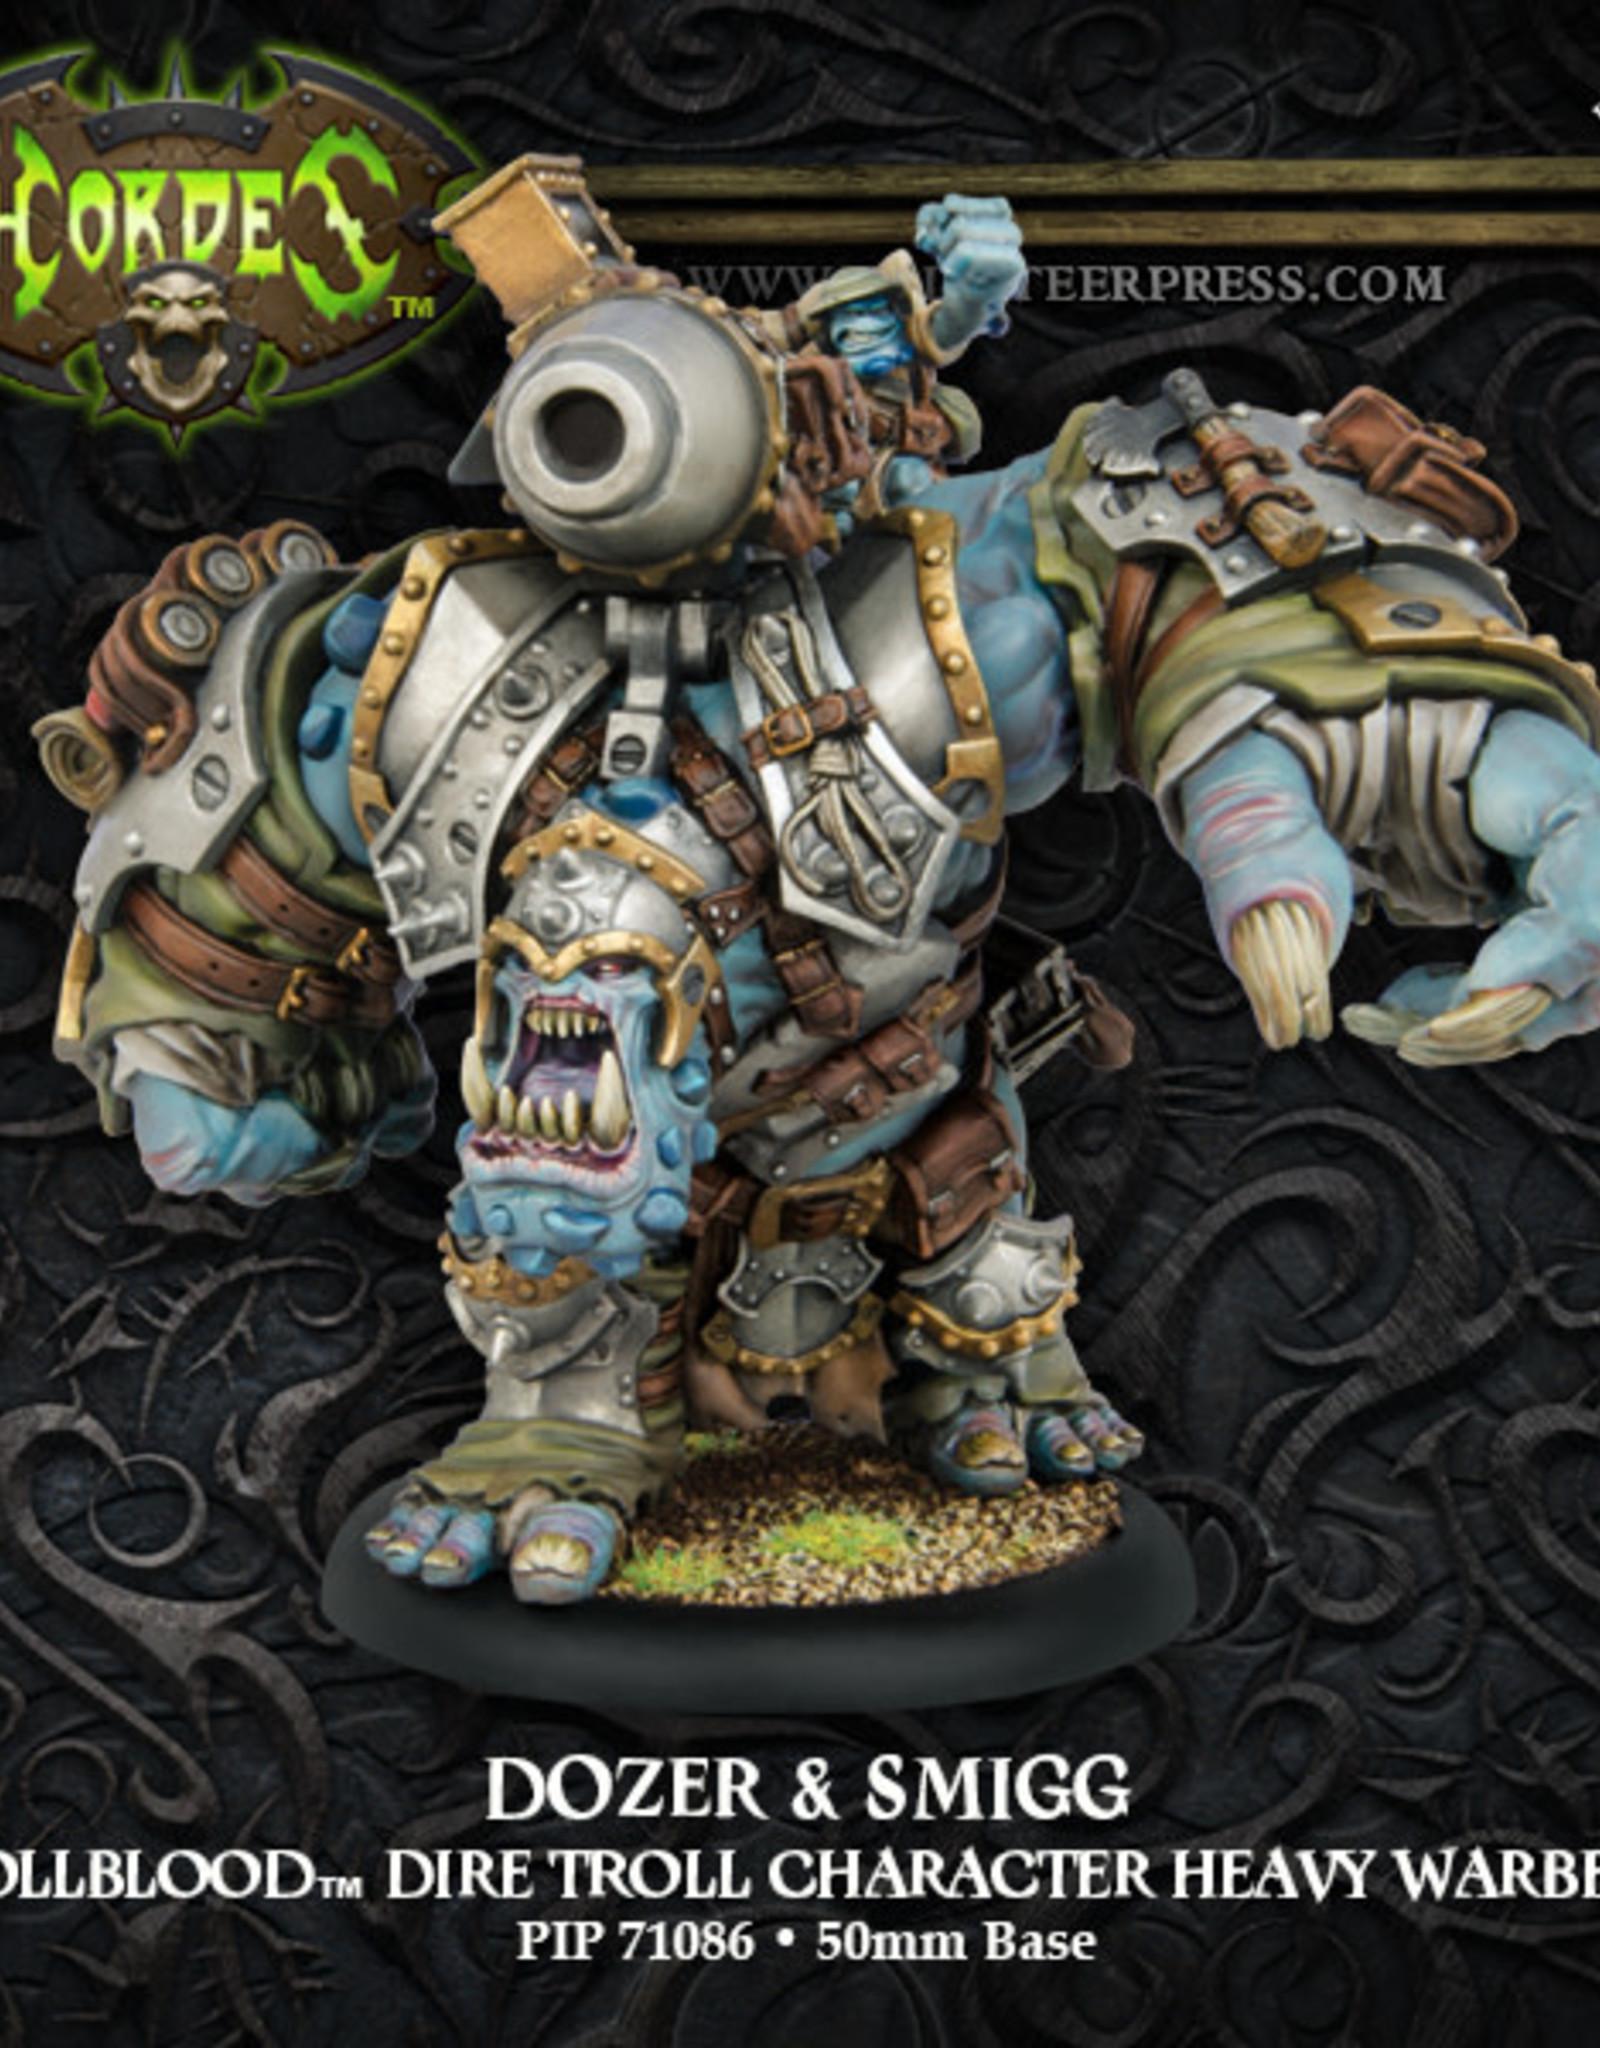 Hordes Trollbloods - Dozer & Smigg